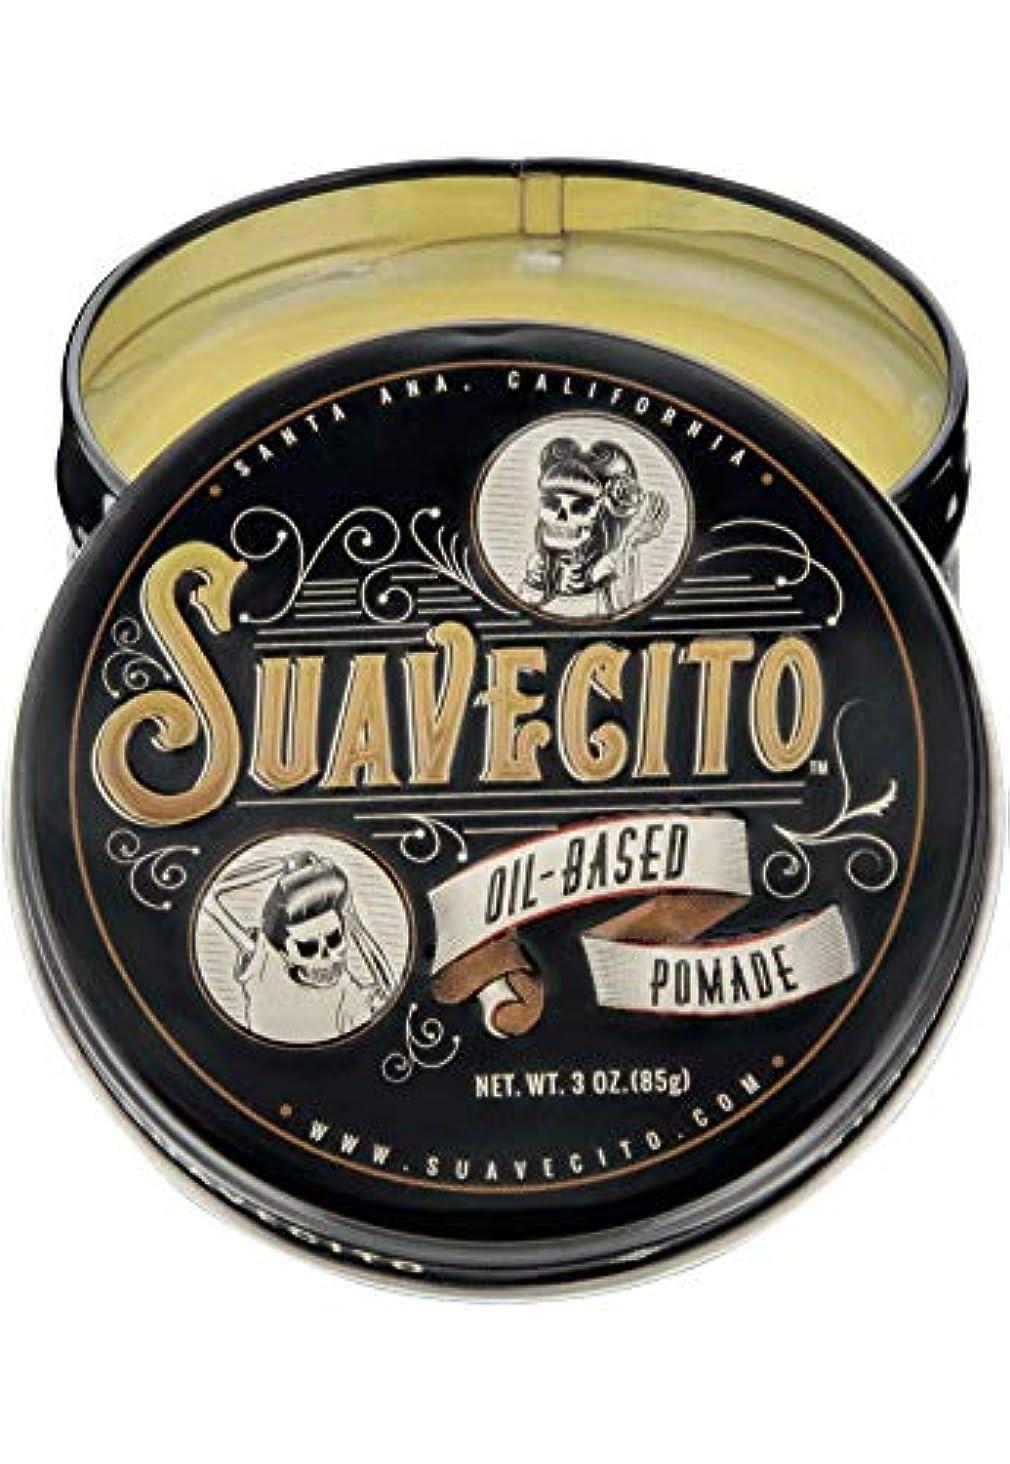 振幅役立つ送信するSUAVECITO (スアベシート) OIL BASED POMADE ポマード 油性 男性用 ミディアムホールド ツヤあり トニック系の爽やかな香り 約85グラム/3オンス